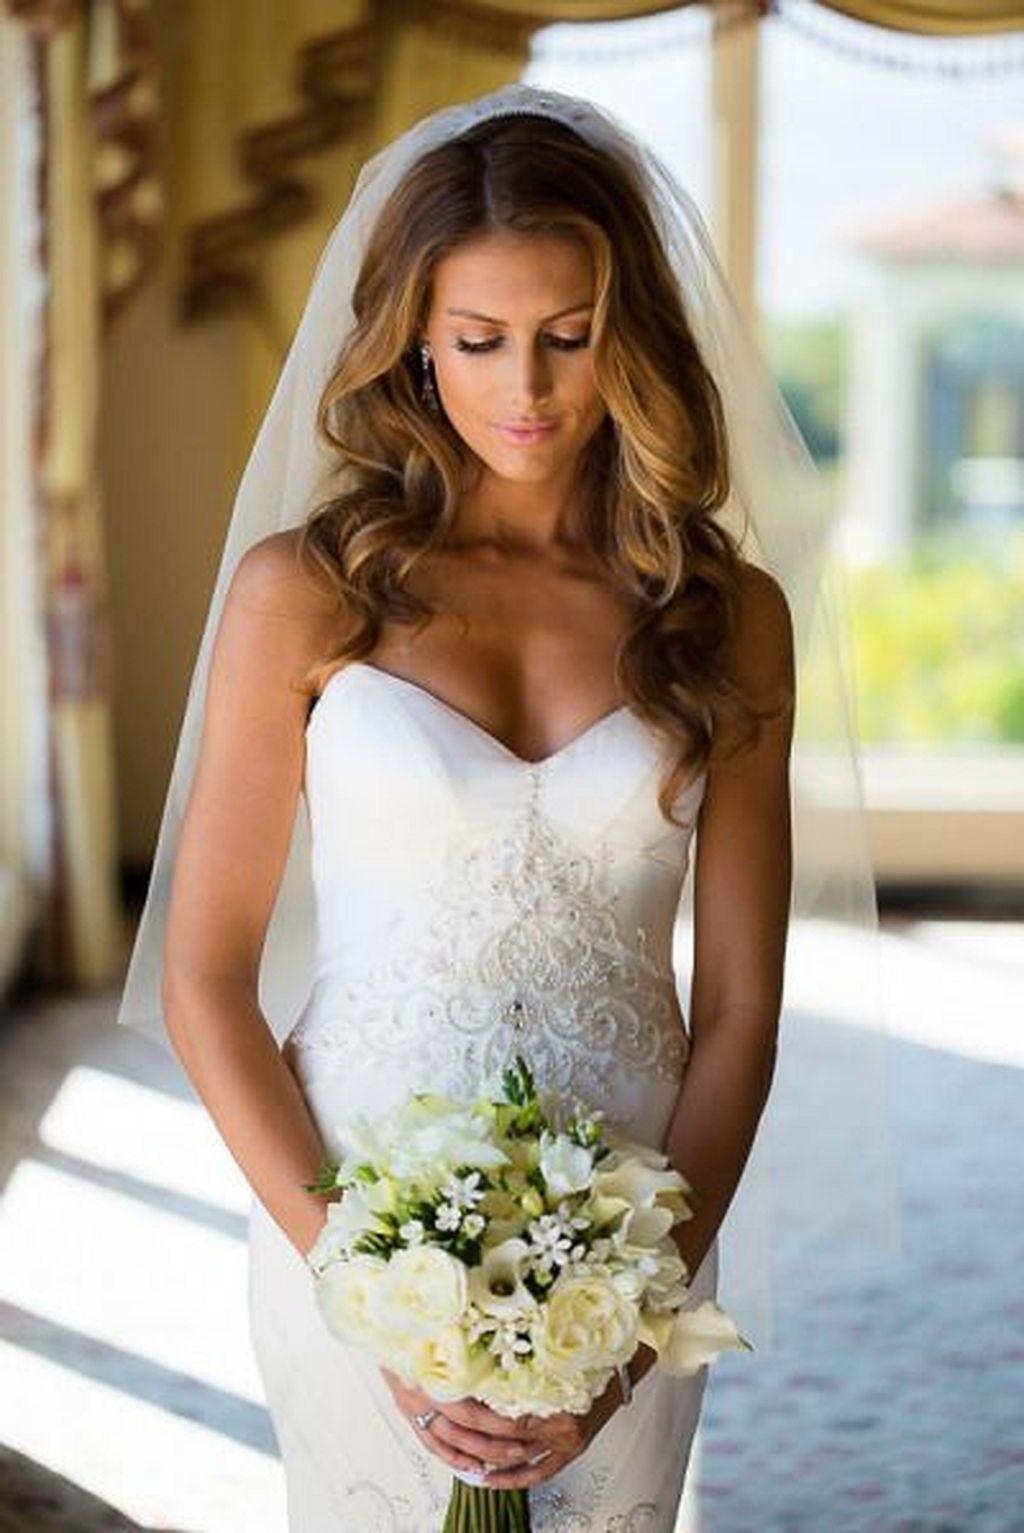 40 wedding hair down with veil ideas | pinterest | veil, weddings